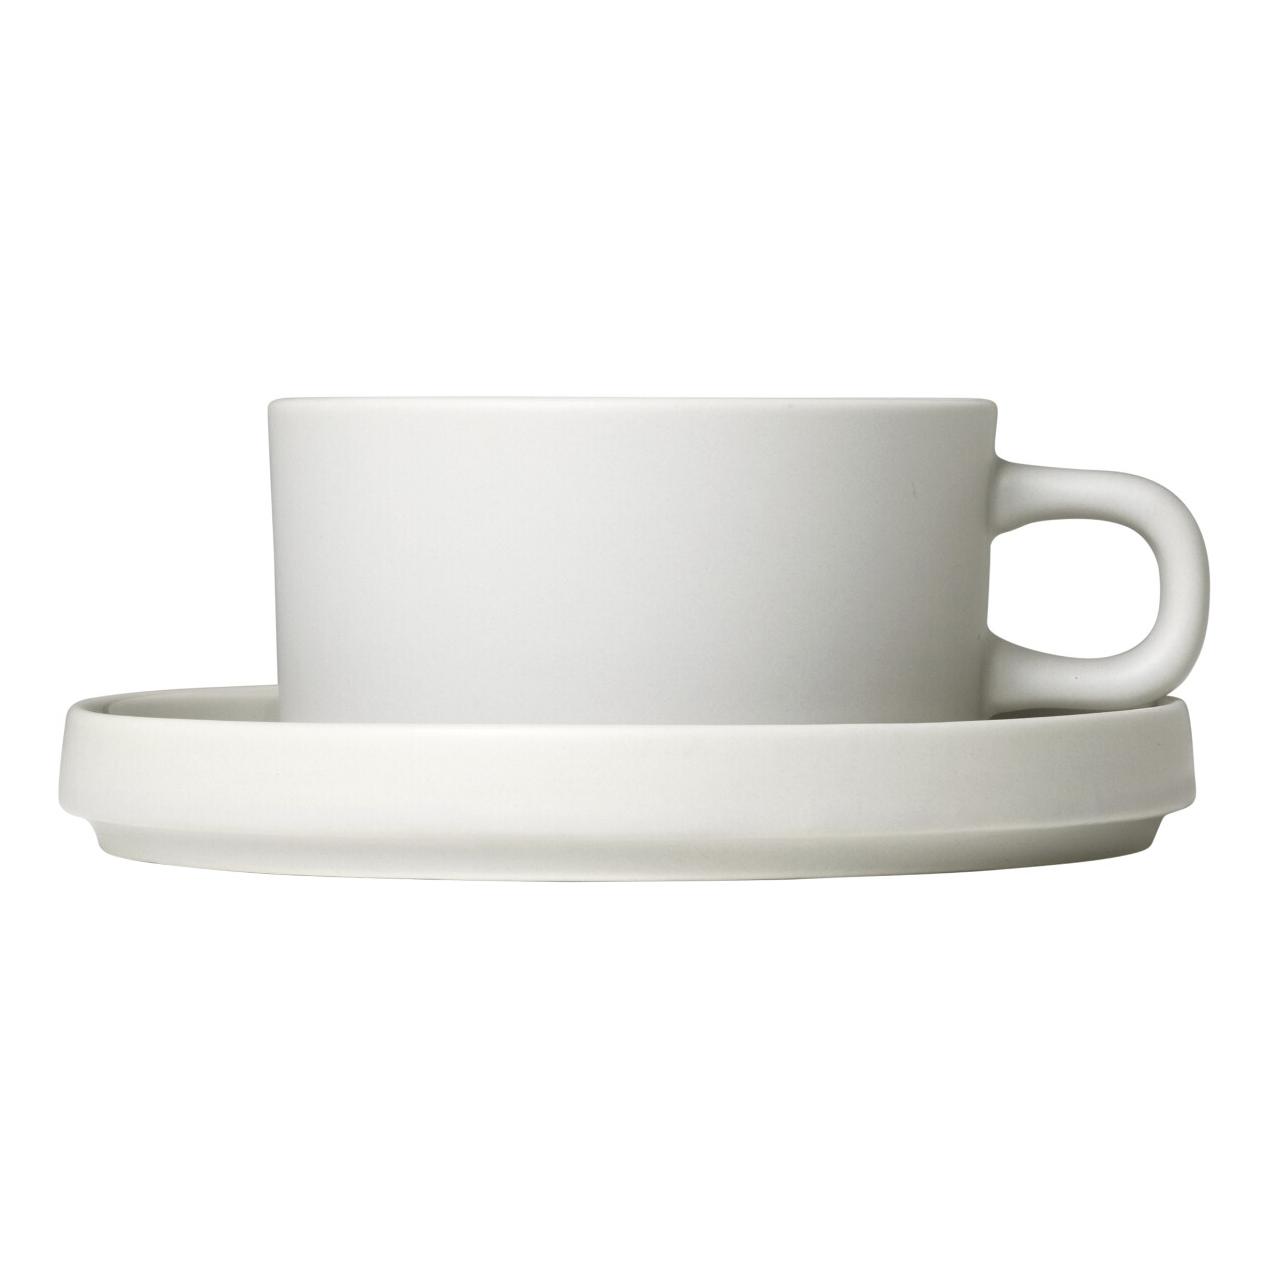 Súprava 2 hrnčekov na čaj s tanierikmi MIO krémová 0,17 l Blomus